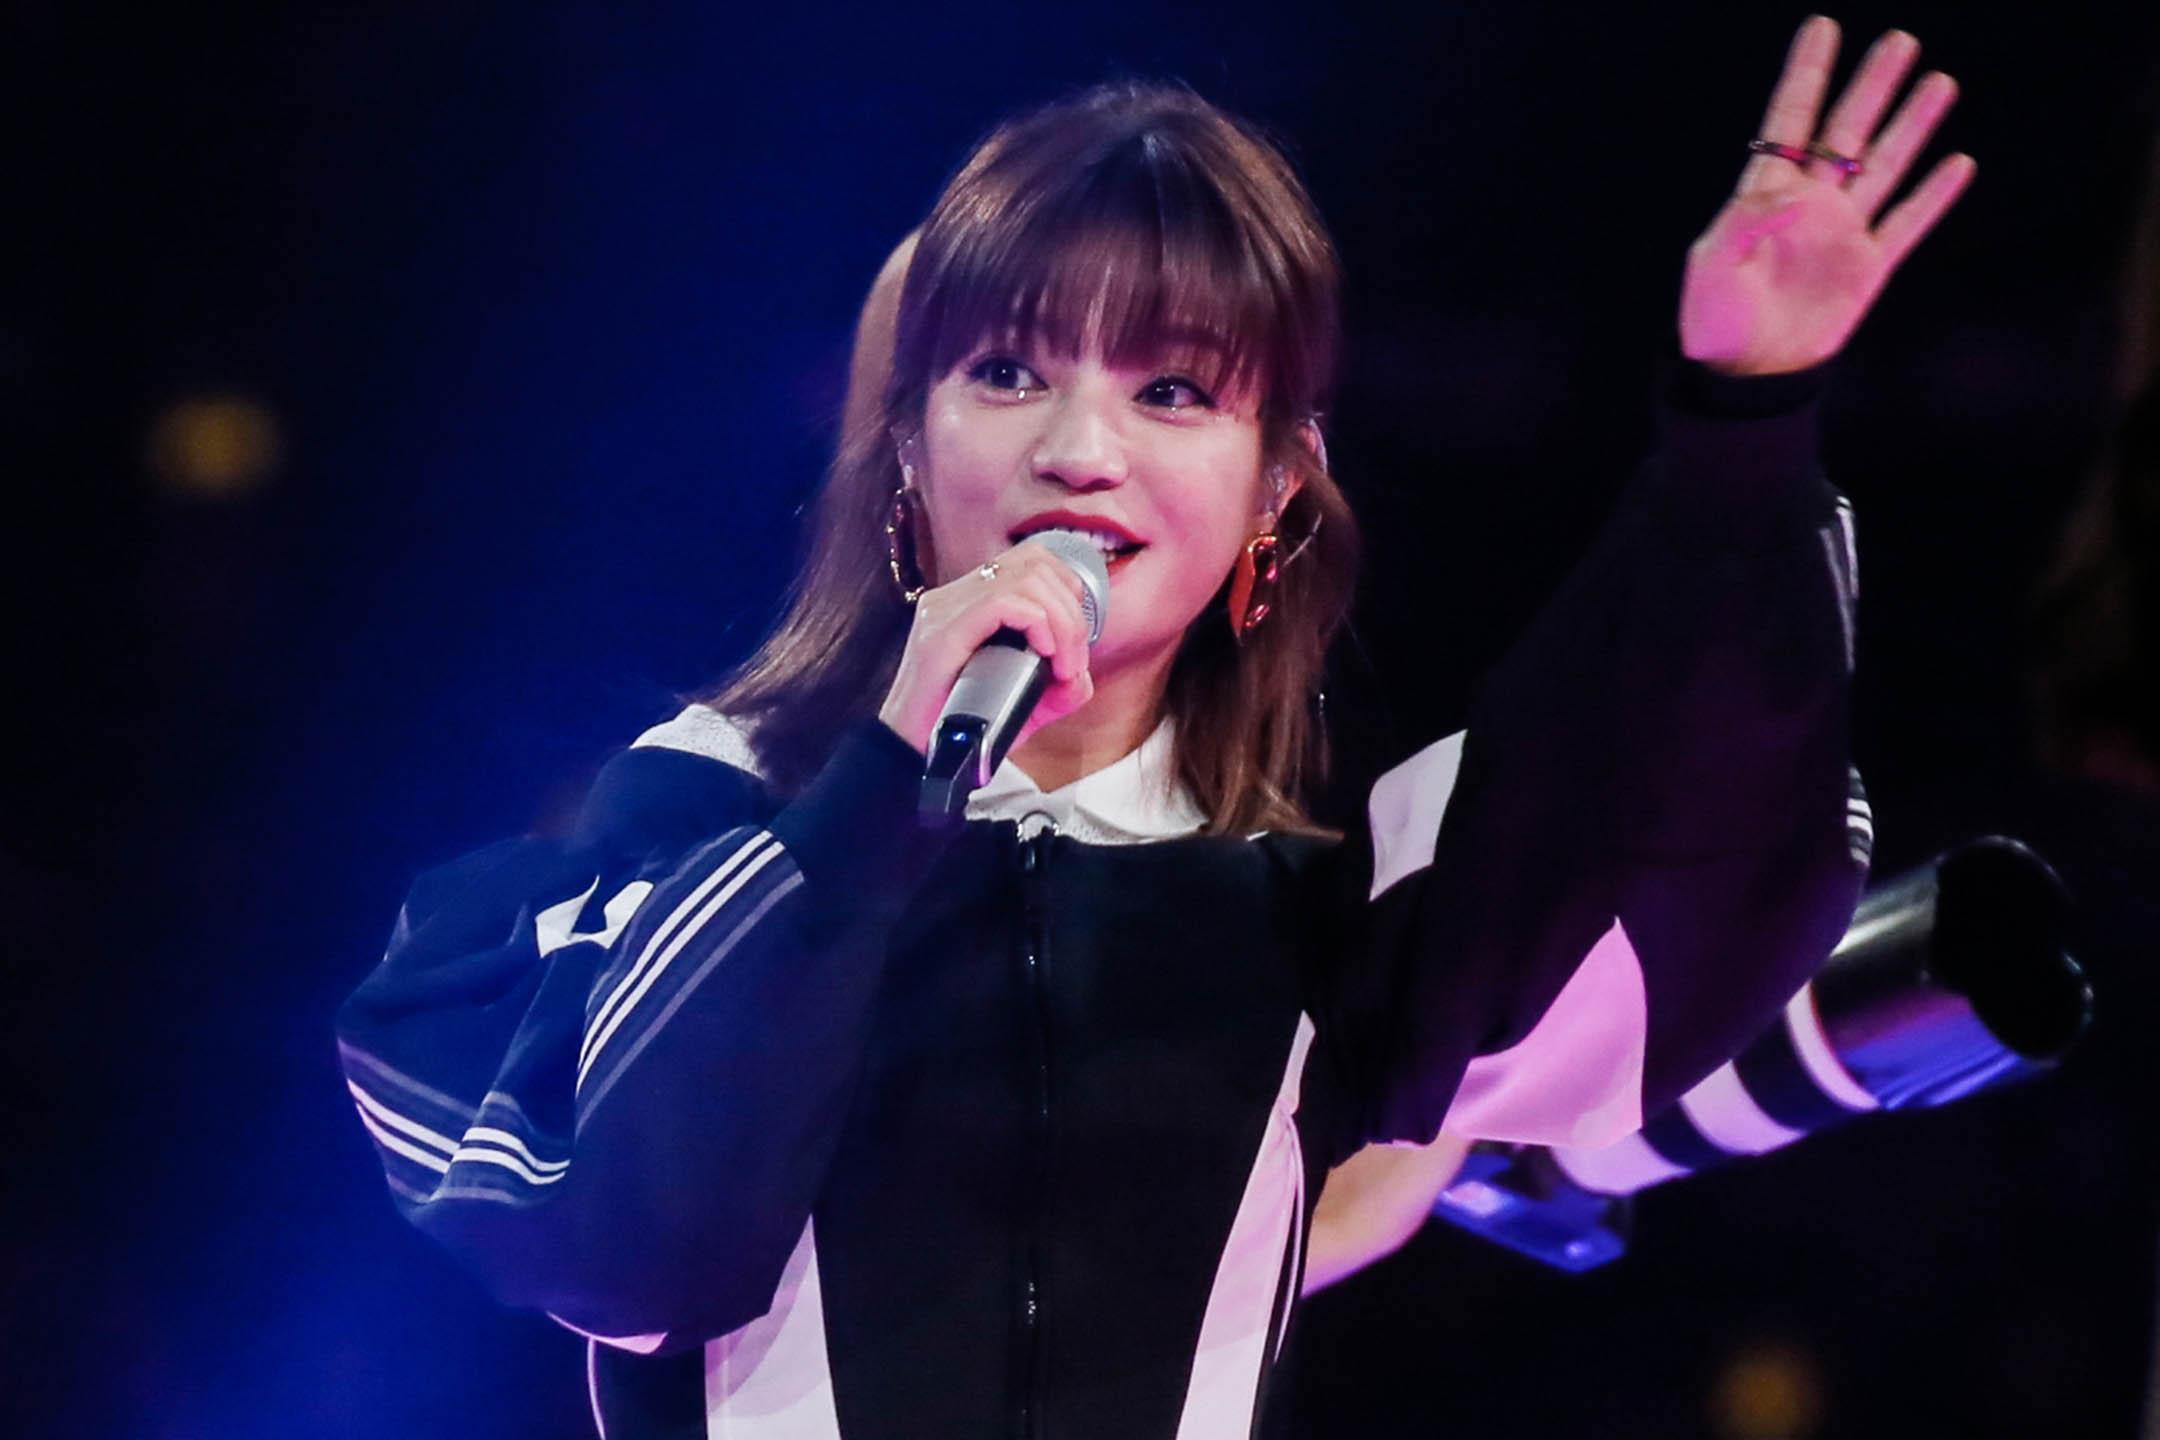 2019年11月10日中國長沙,女演員趙薇在晚會期間在舞台上表演。 圖:VCG/VCG via Getty Images